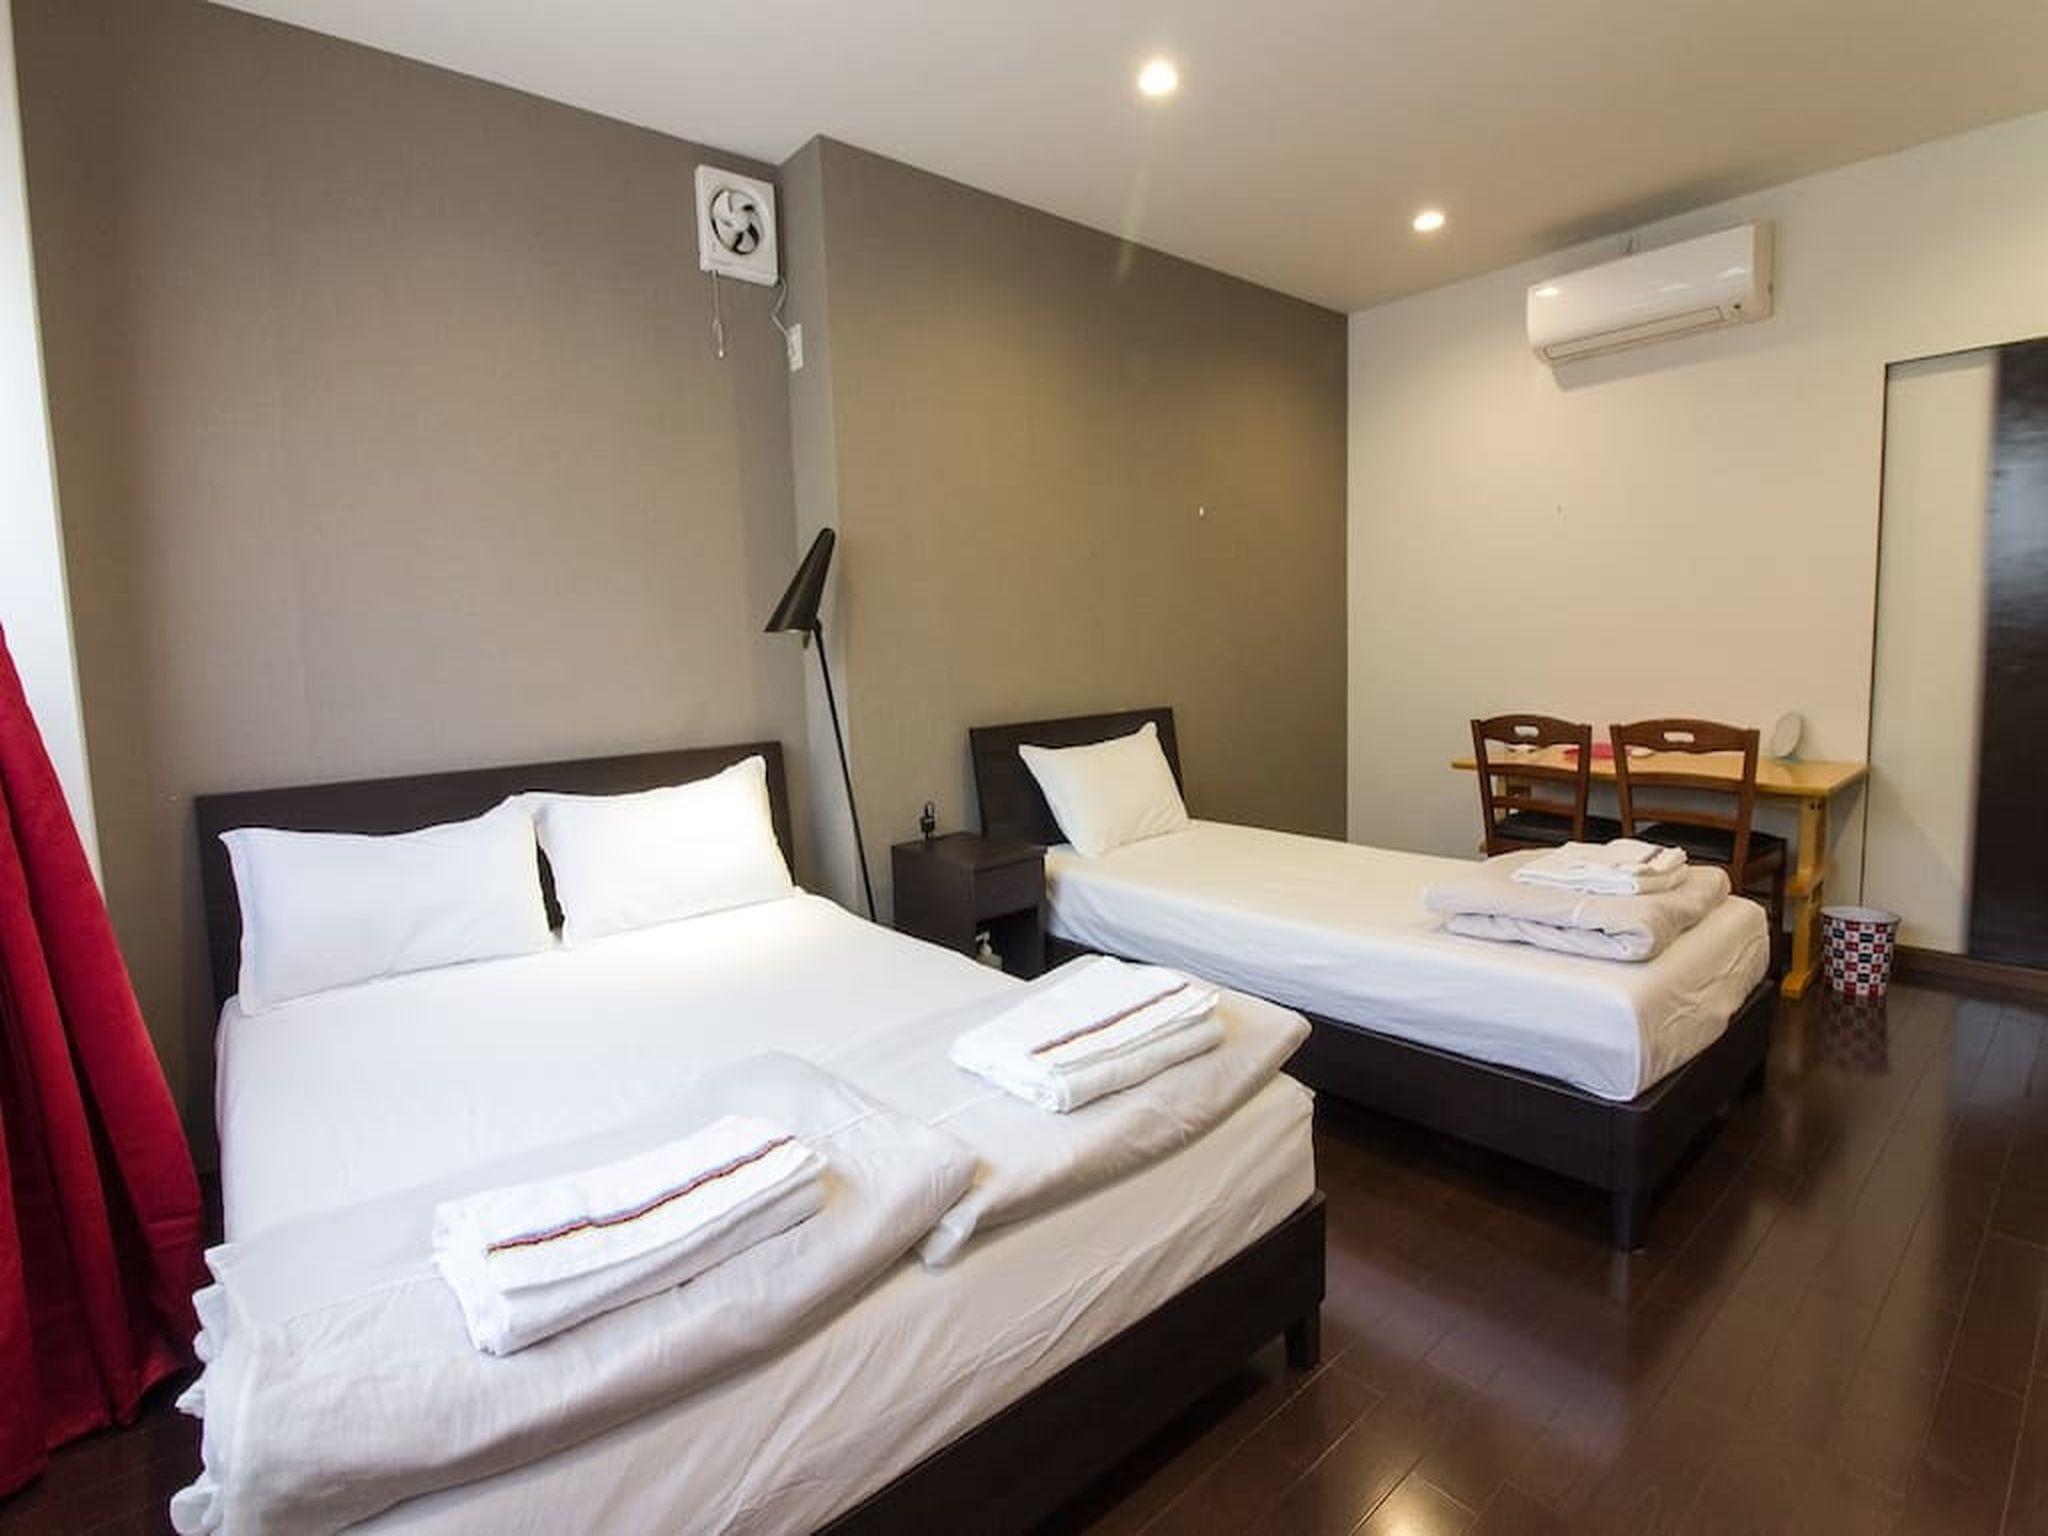 LY 1 Bedroom Apartment near Namba Dotonbori 37 Osaka, Japan